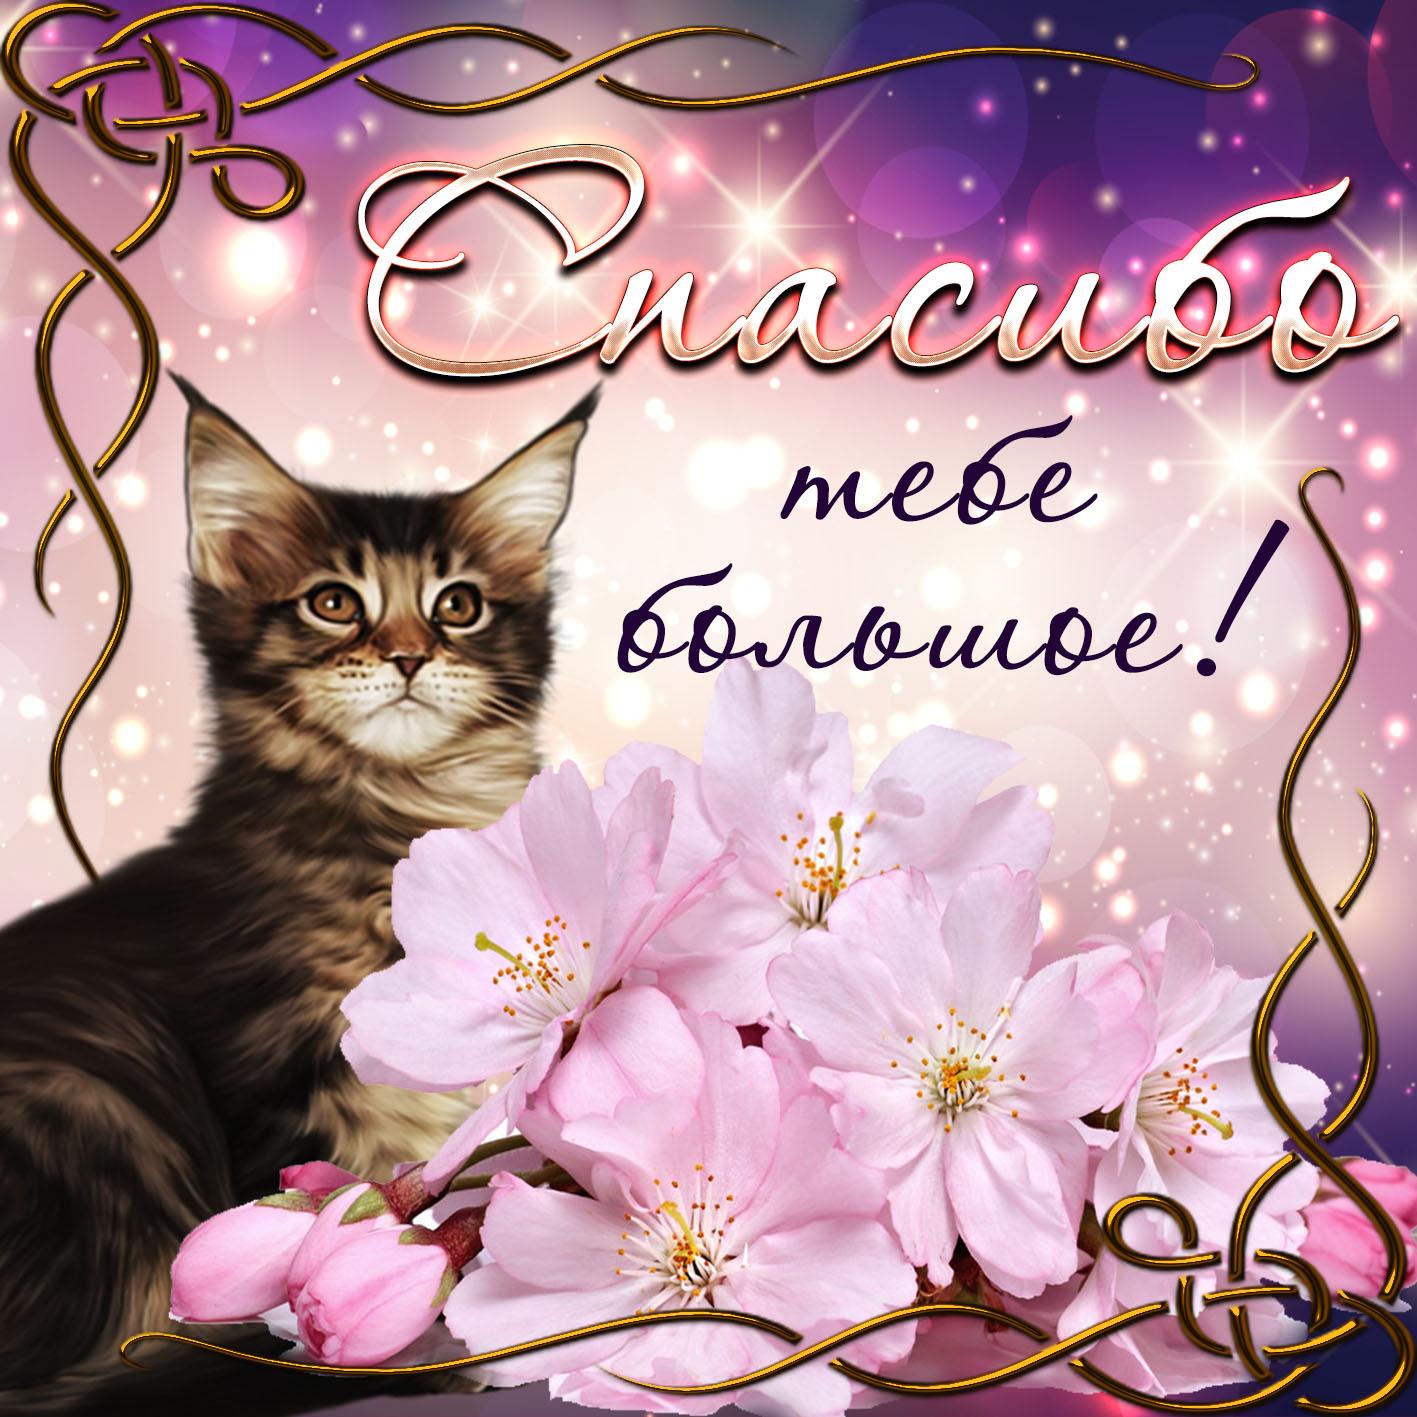 Открытки картинки со словом благодарности -спасибо , открытки спасибо,кошка. Картинки открытки с надписью спасибо ,открытка со словом спасибо ,картинка спасибо ,открытка со словом благодарности спасибо ,картинки спасибо скачать бесплатно